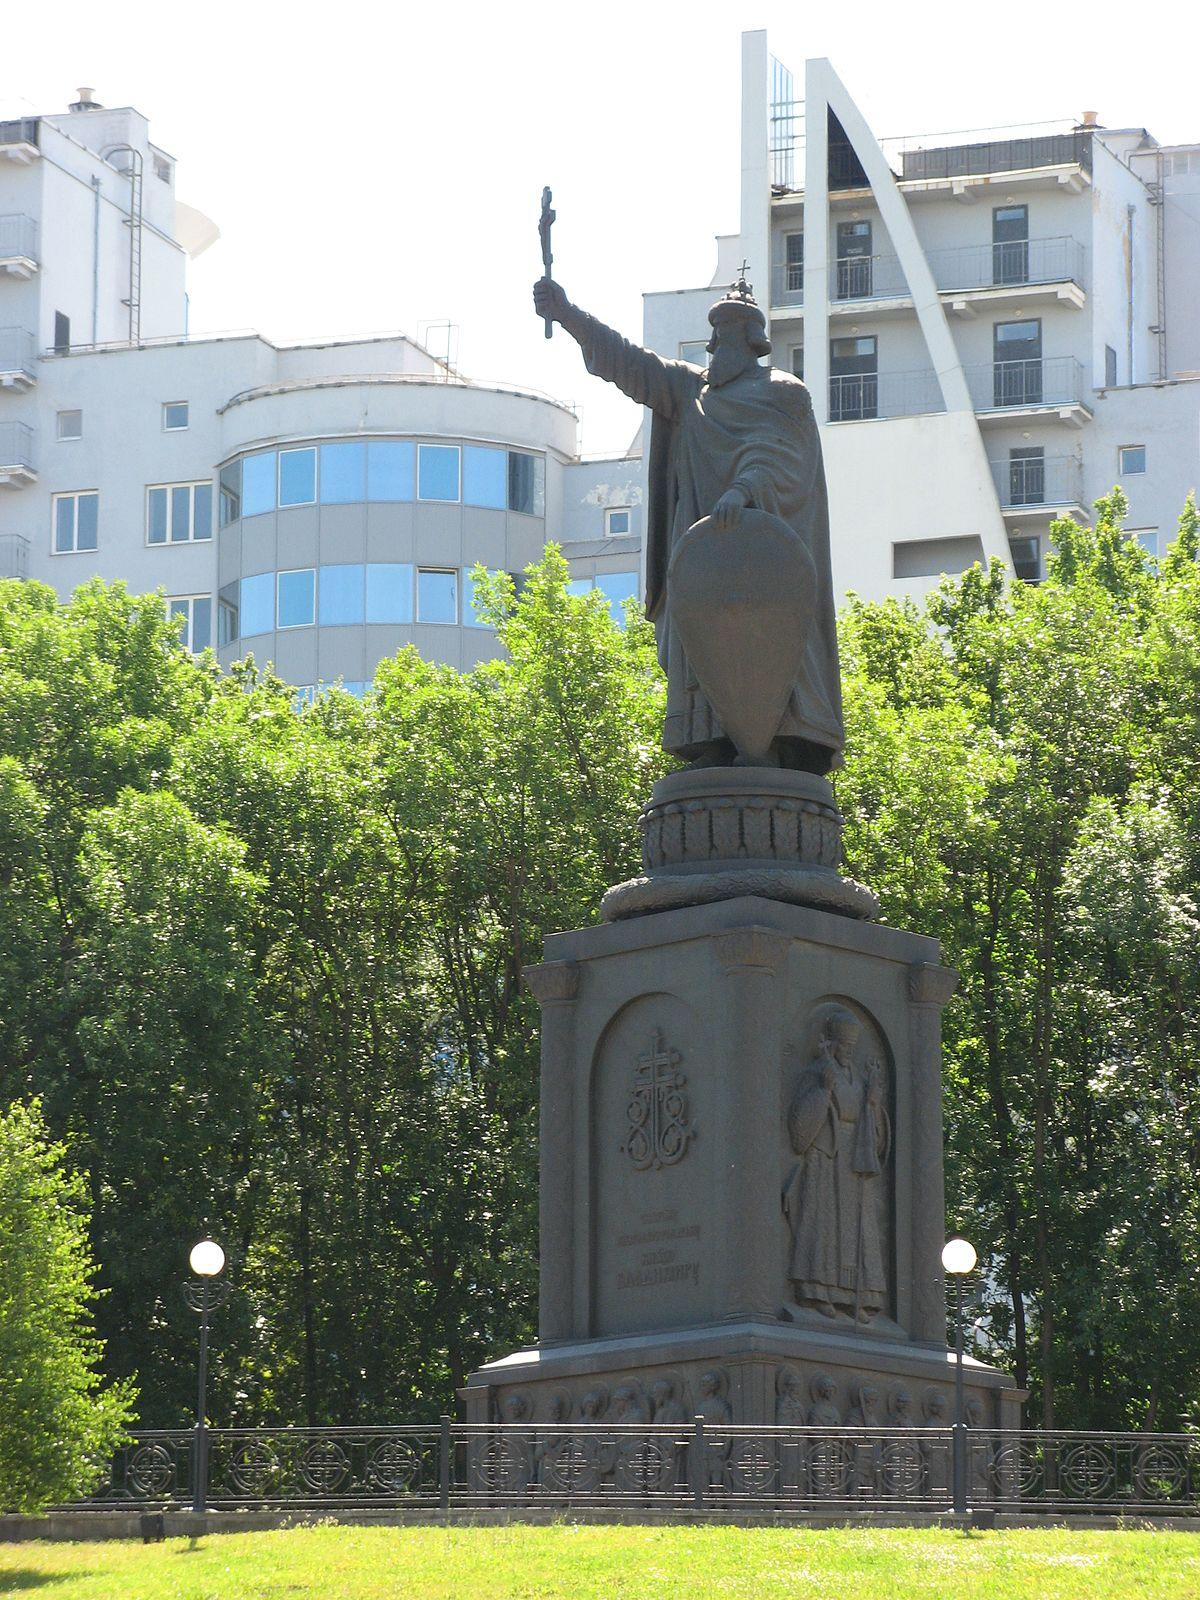 Купить памятник белгород церкви памятники в калининграде цены Южная